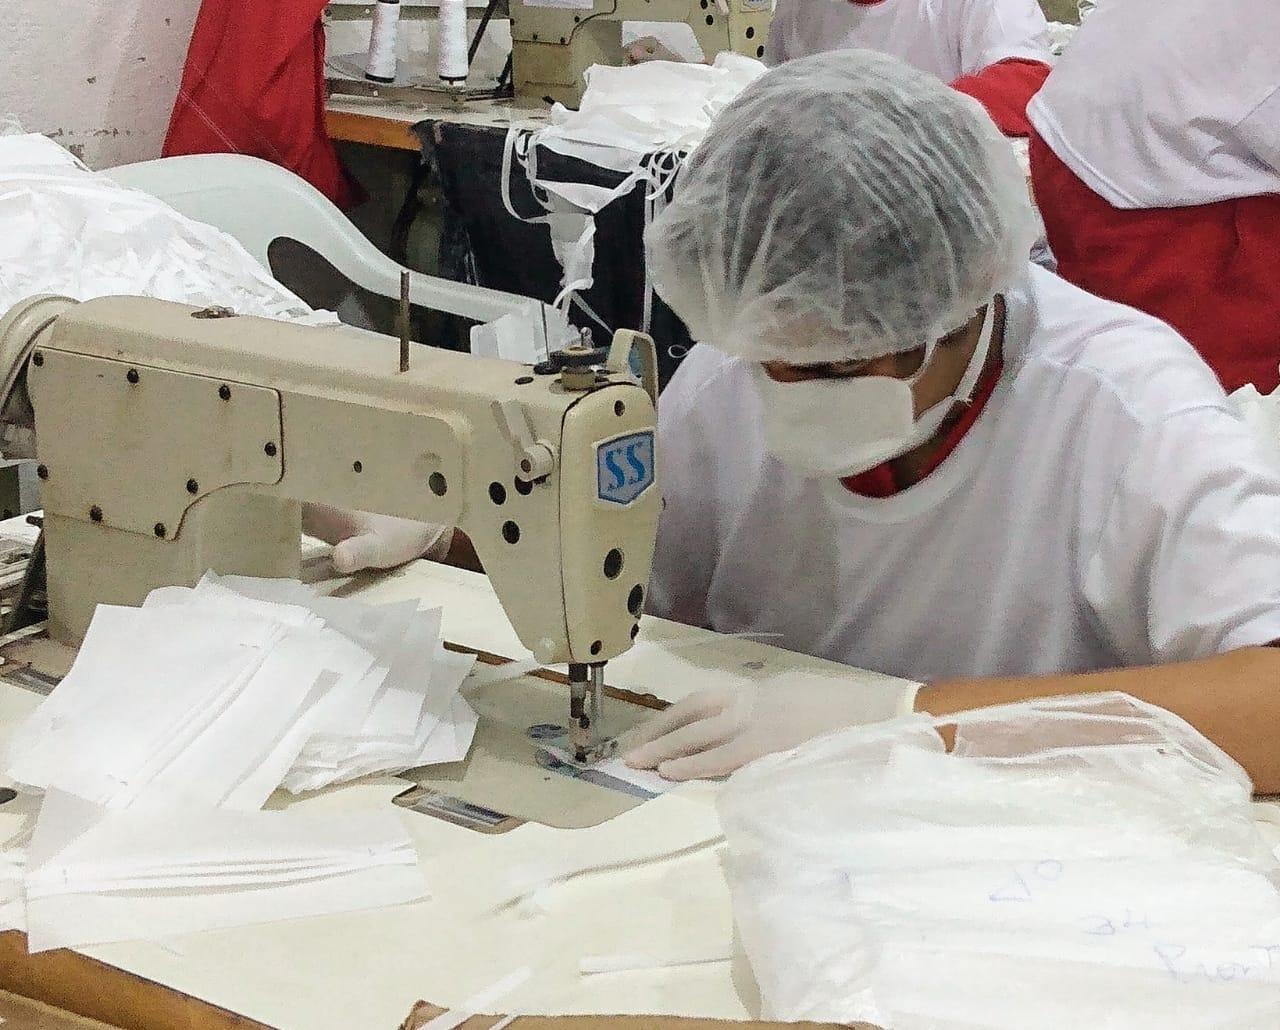 sistema-prisional-mineiro-produz-1-milhao-de-mascaras-de-protecao-a-covid-19